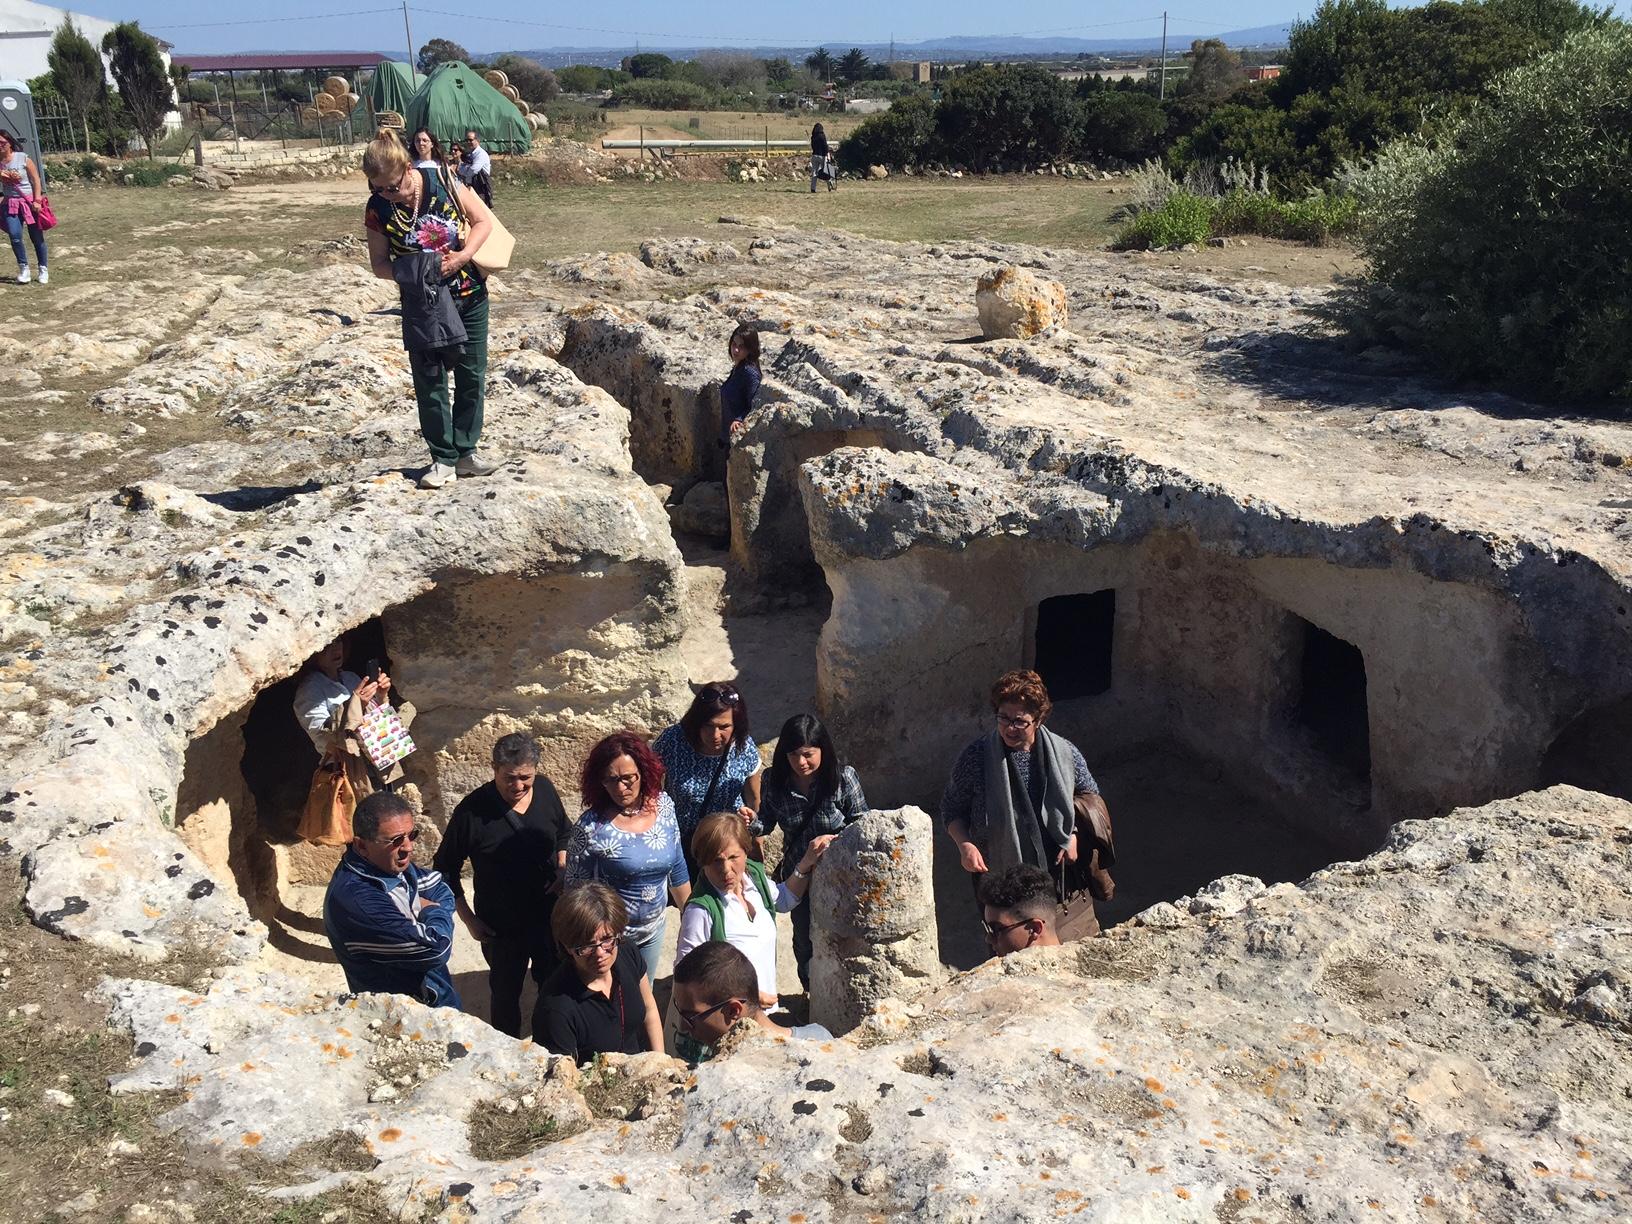 Grande successo di Monumenti aperti 2016 domenica 22 maggio a Porto Torres e sull'isola parco dell'Asinara con circa 17500 visitatori totalizzati. Area archeologica di Turris Libisonis.